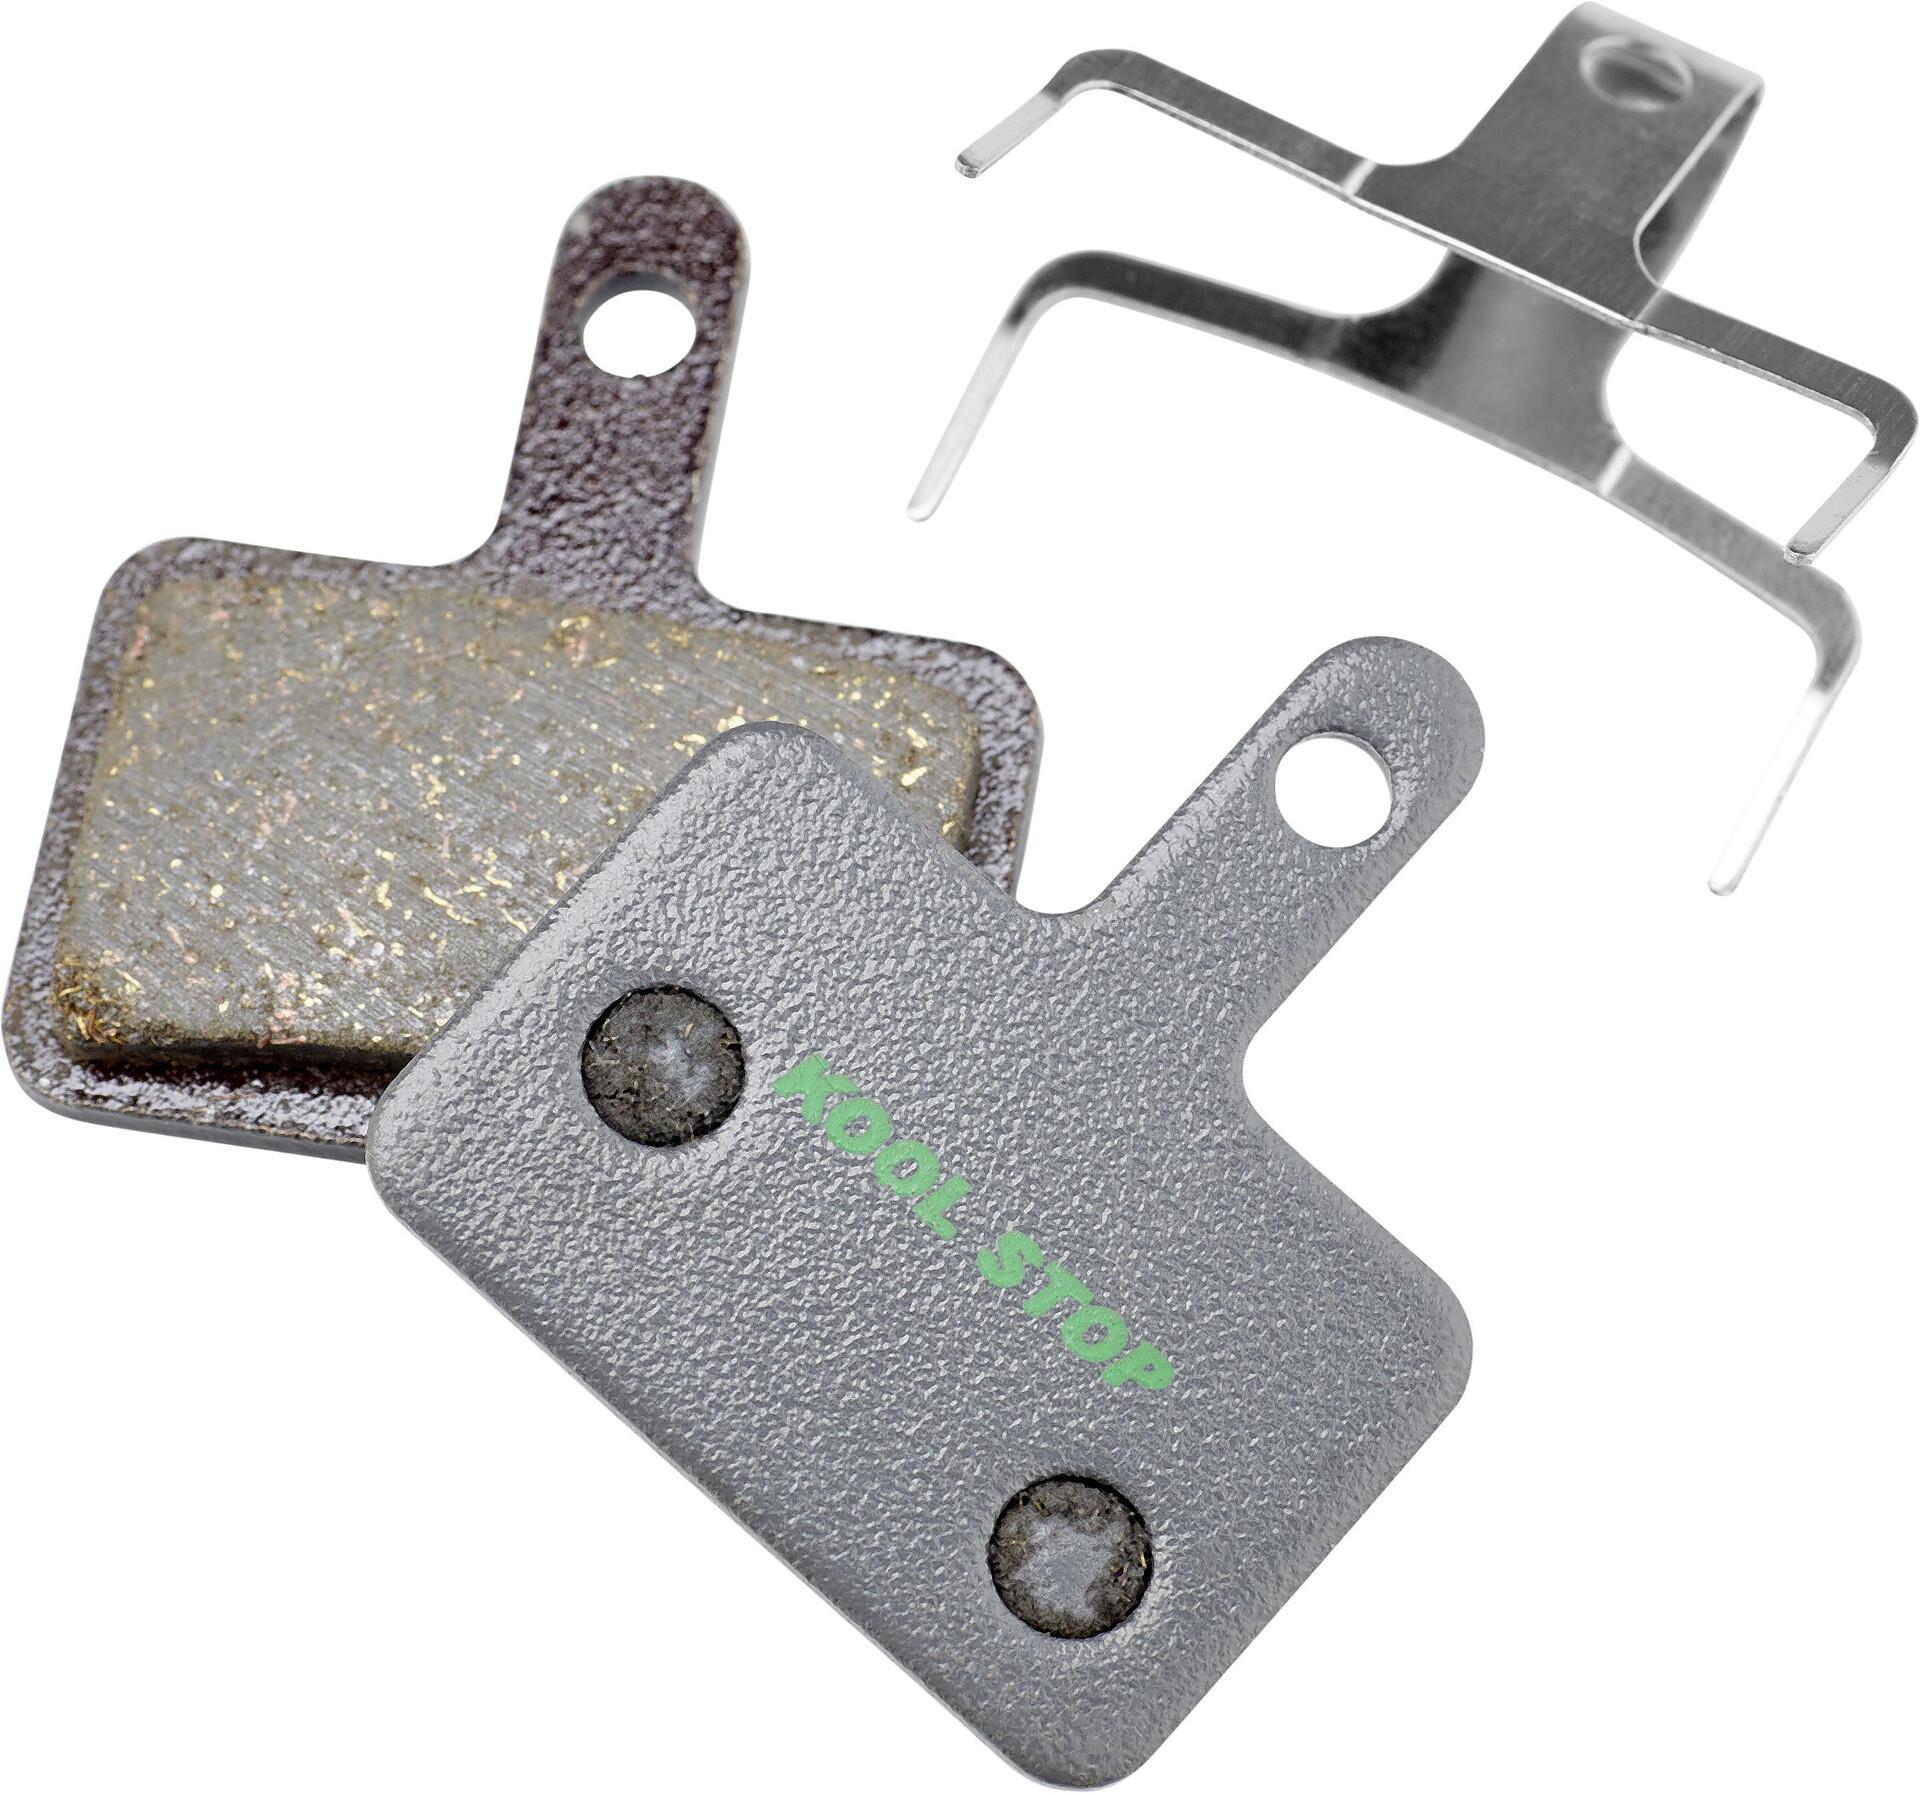 Pair disc brake pads j04c ice tec metal aero system SHIMANO bike brake